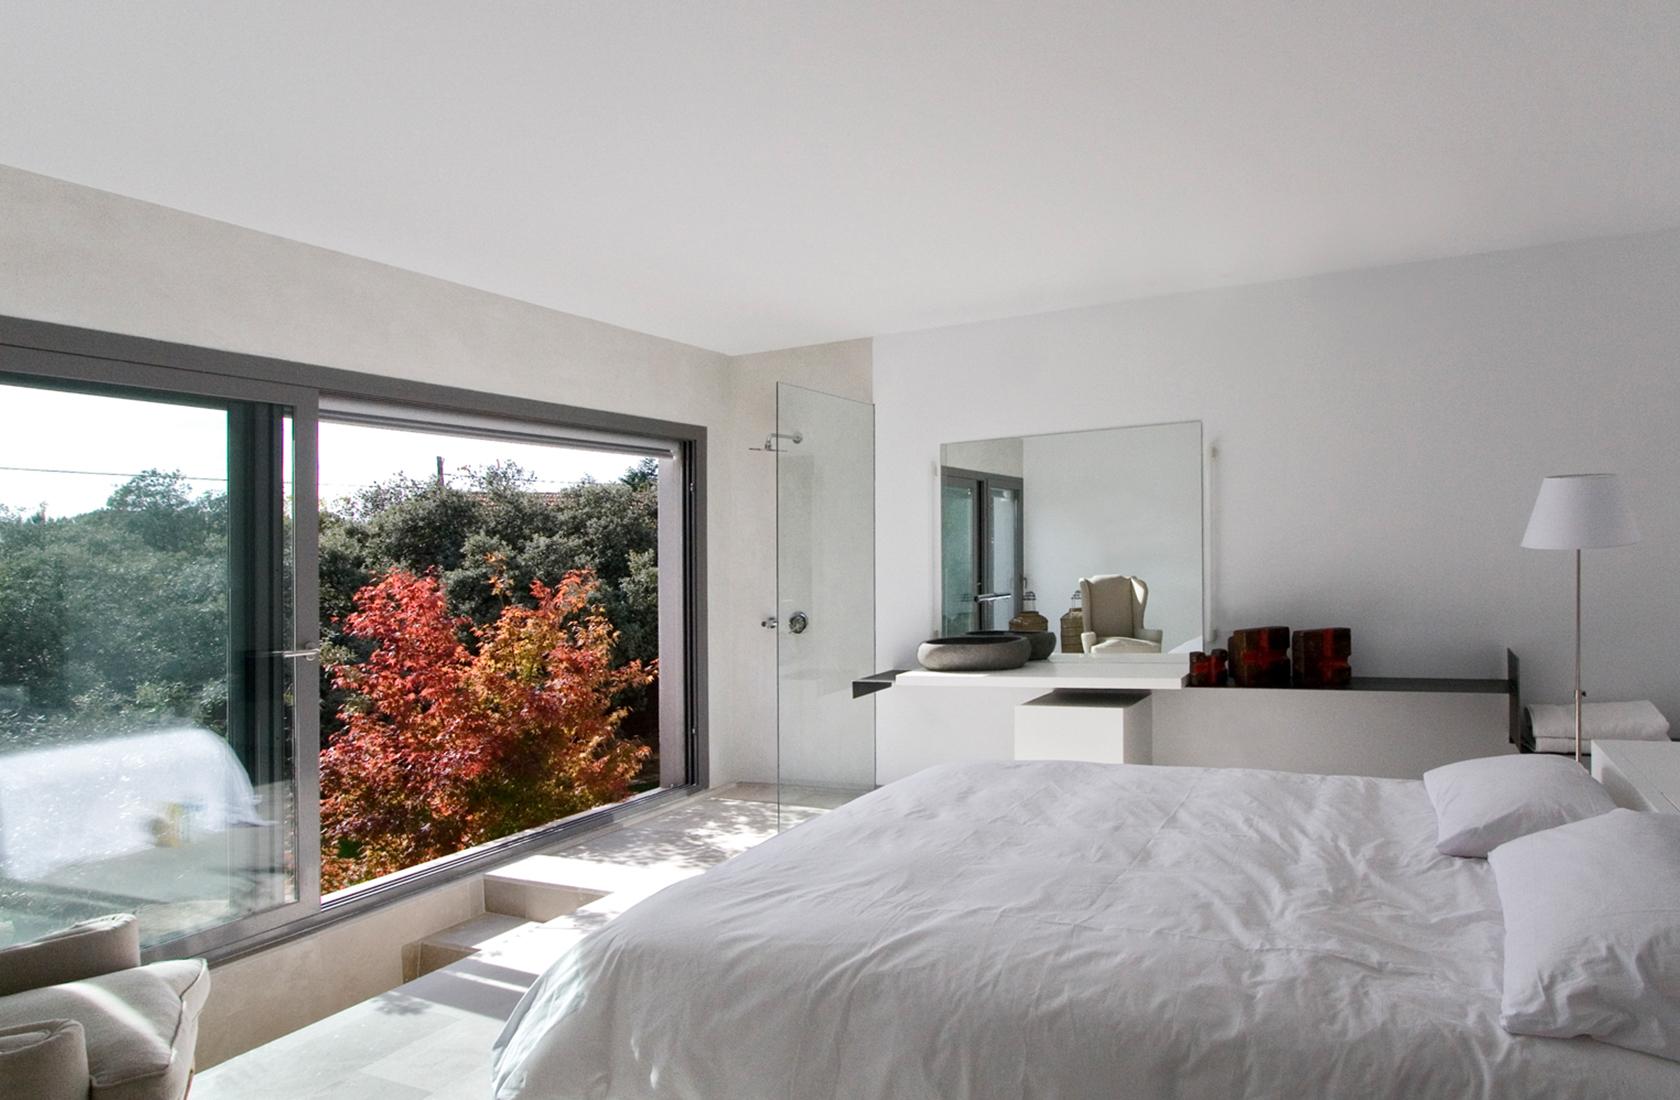 Casa mar de encinas dormitorio